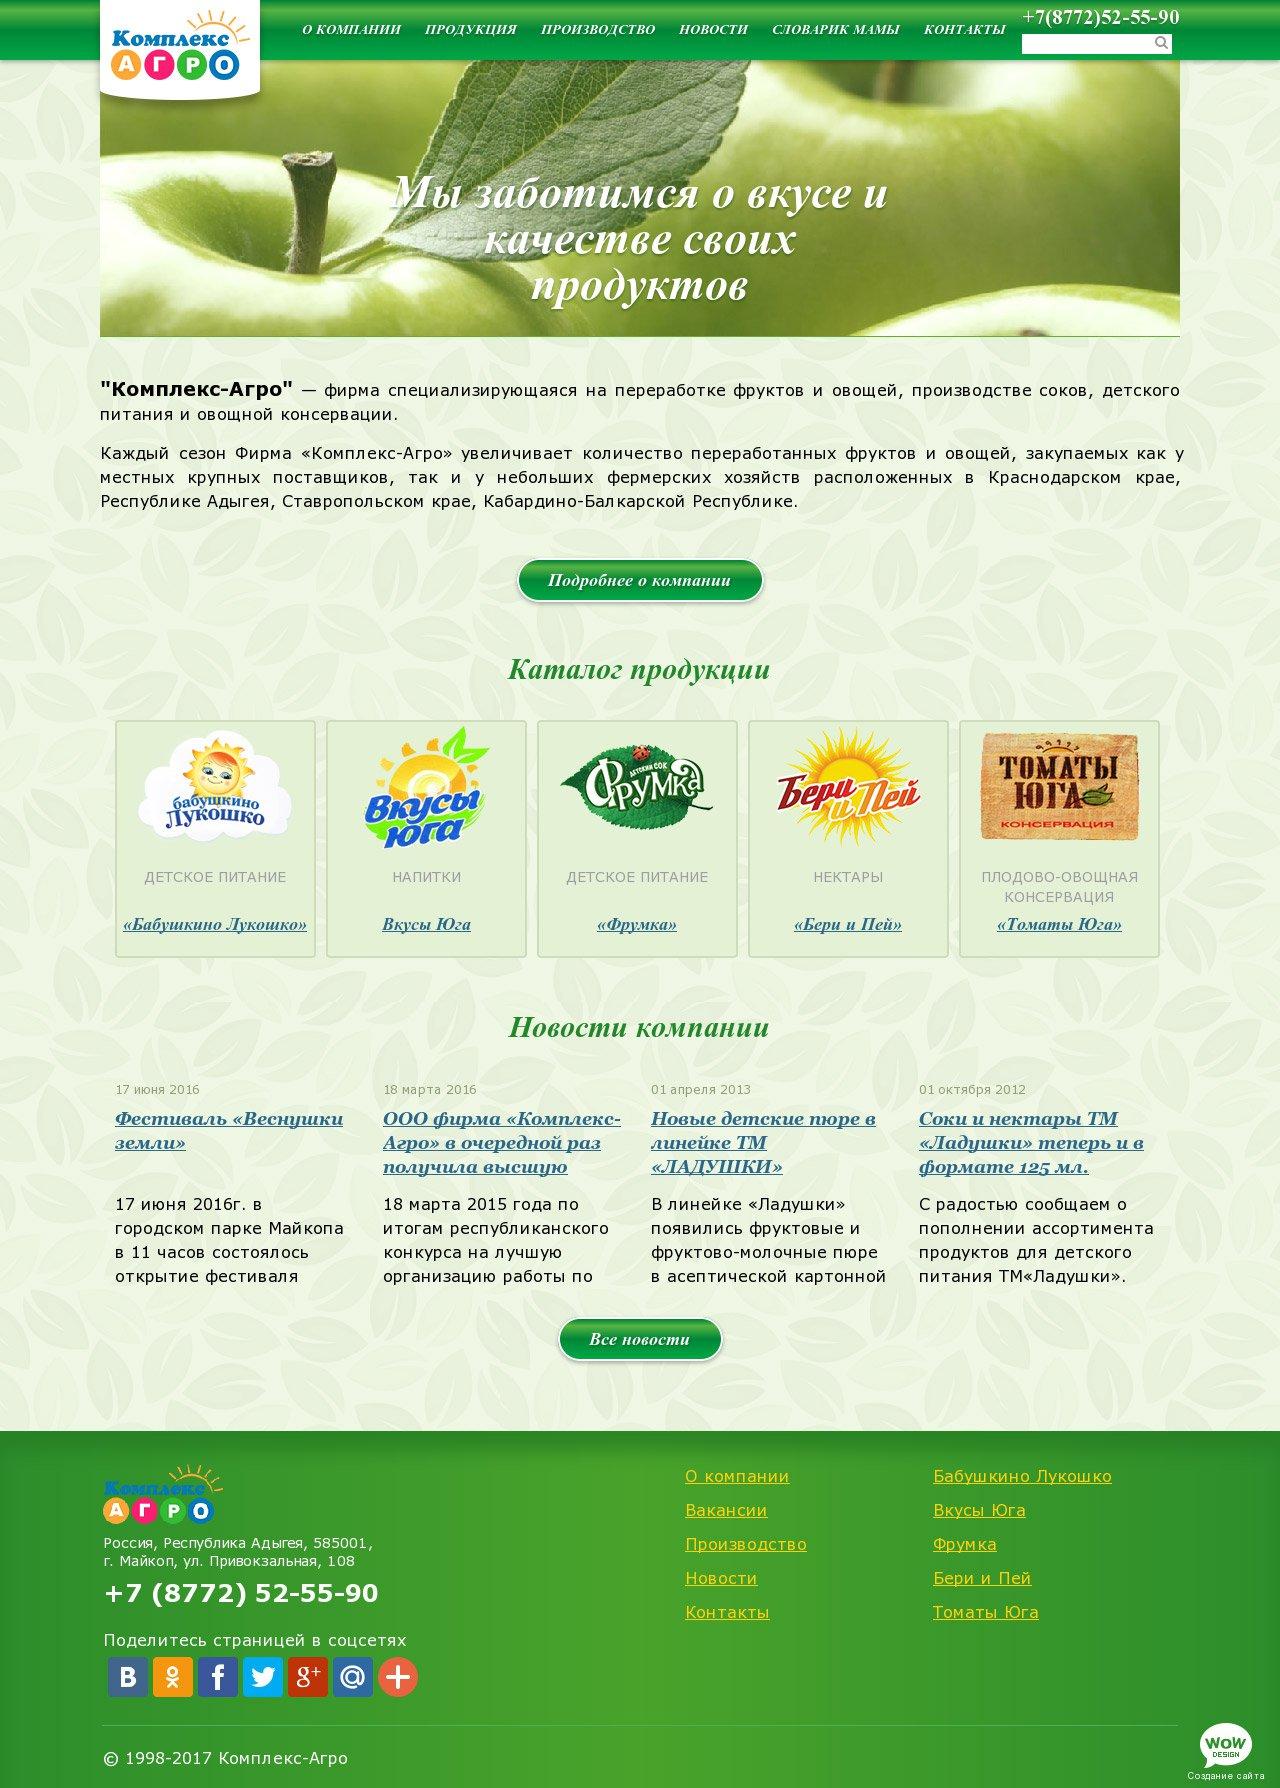 Продвижение сайта компании по производству соков создание интернет раскрутка сайта под google